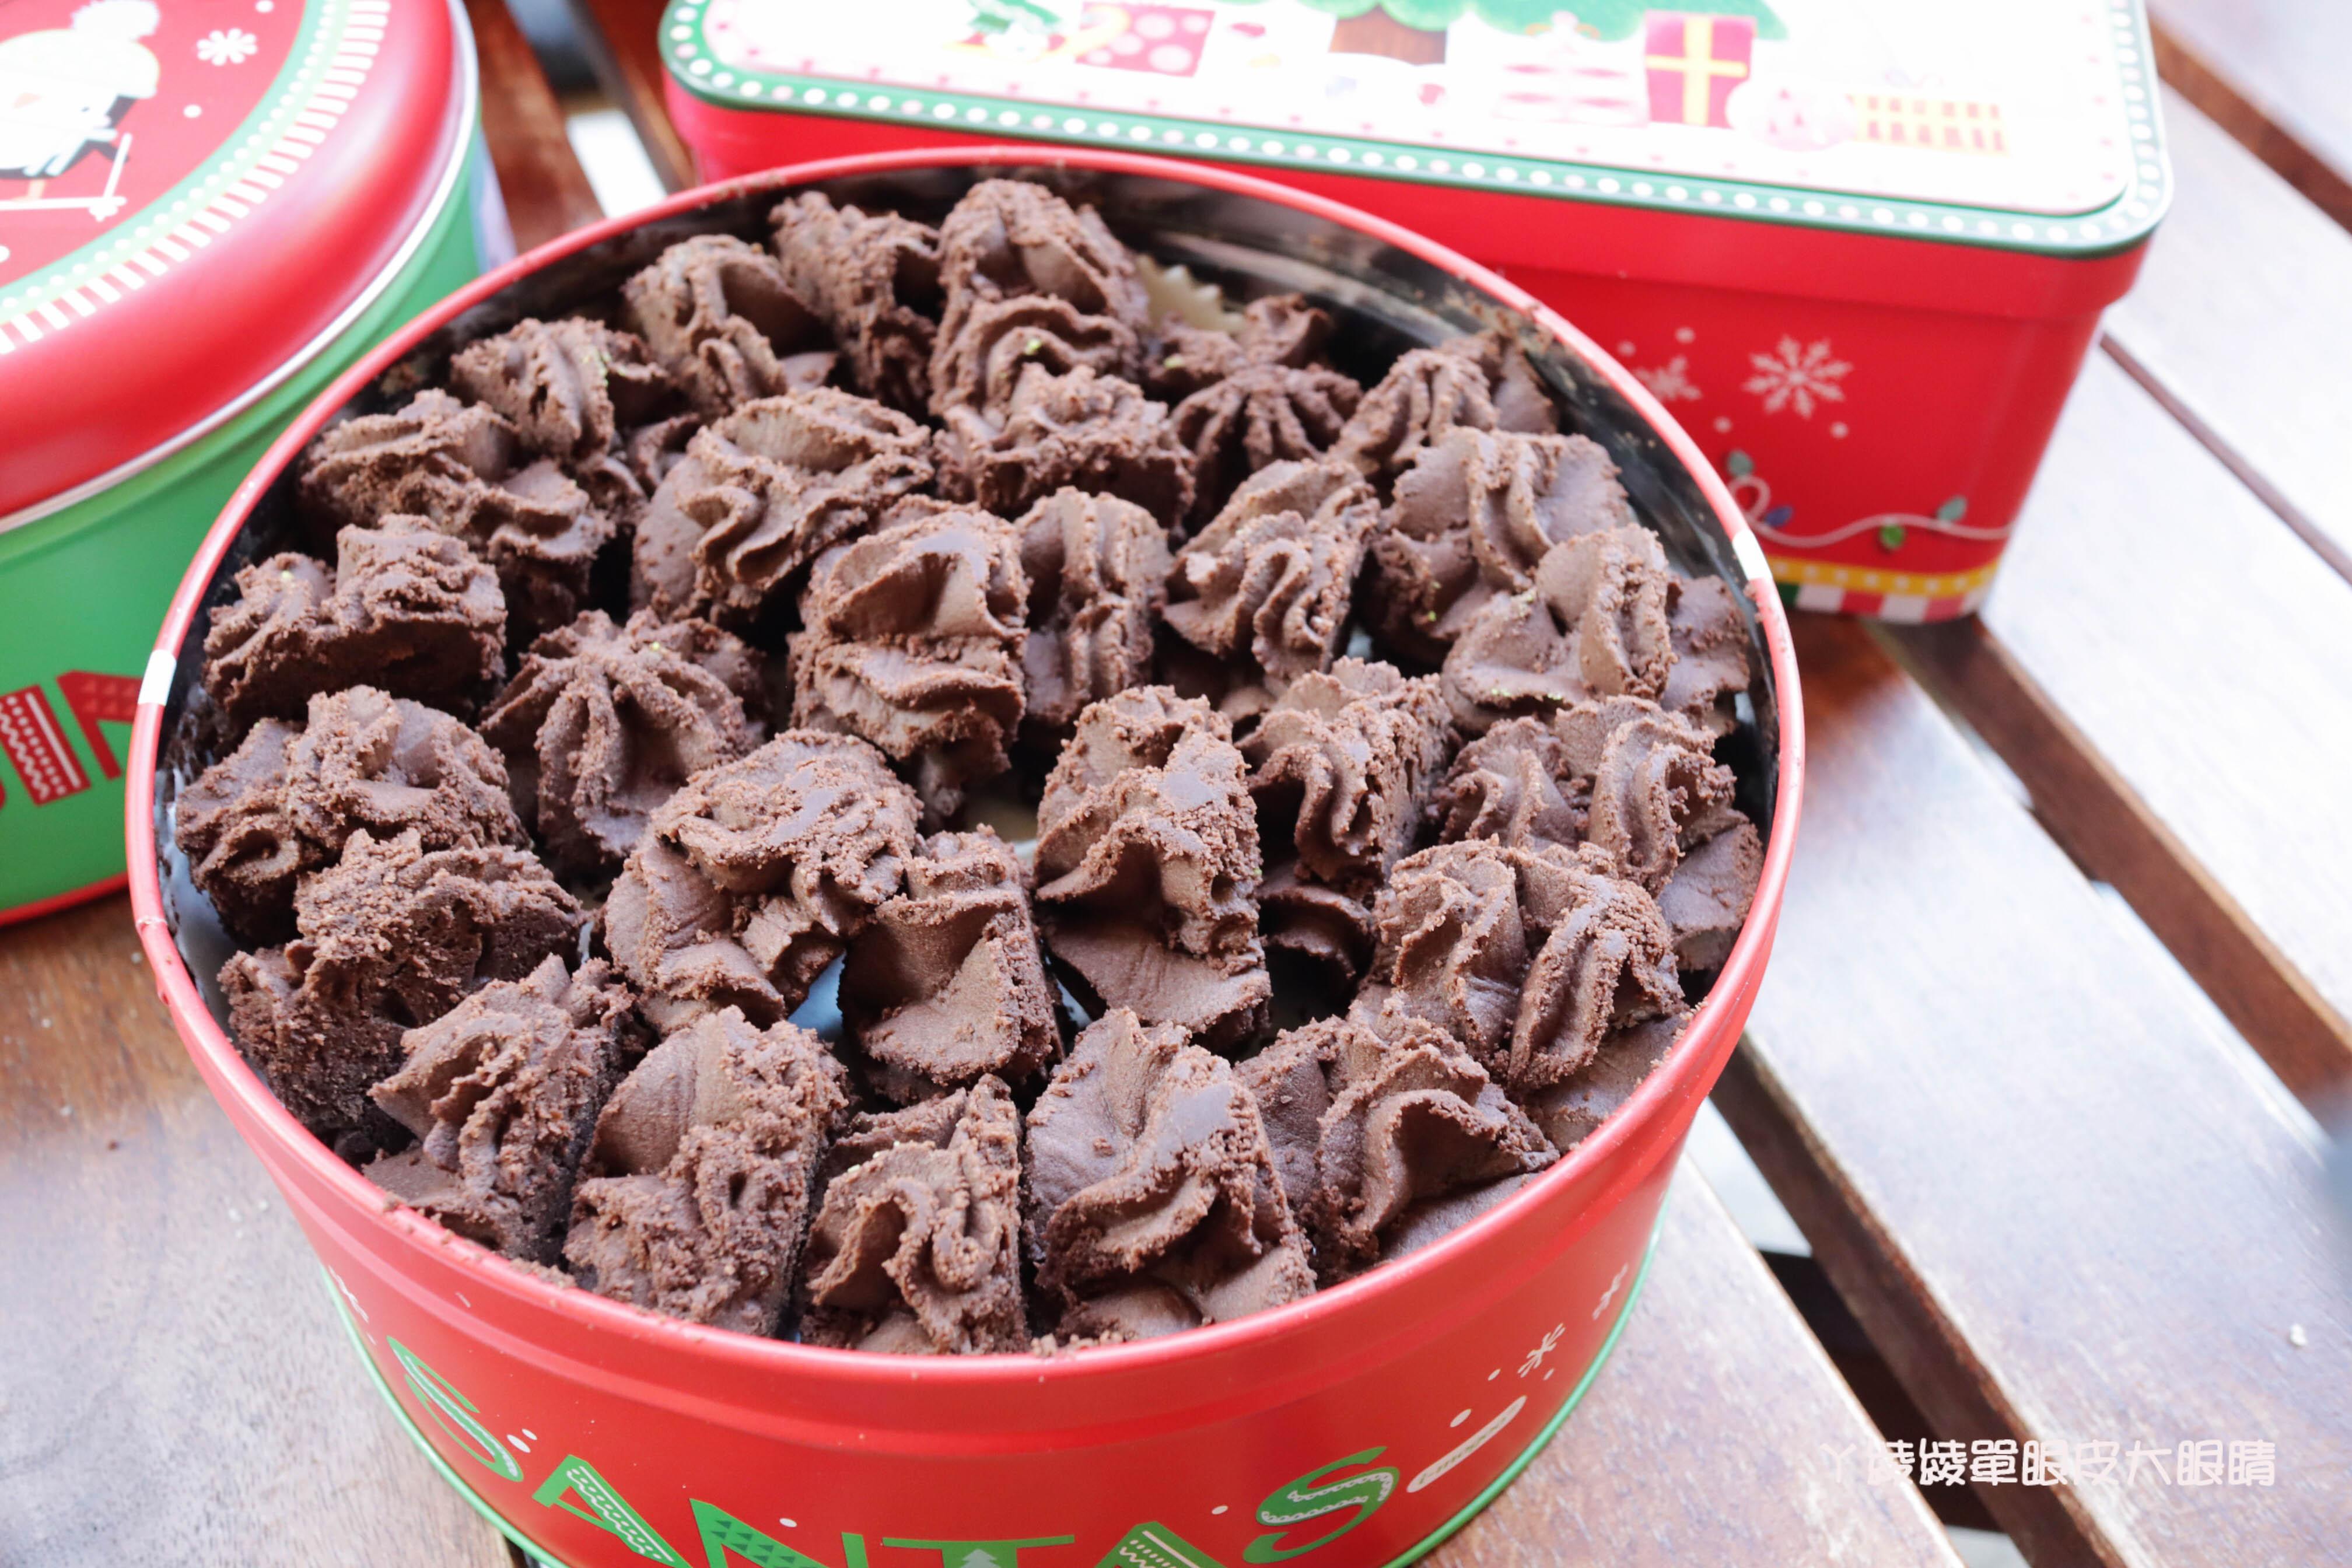 愛威鐵盒餅乾新竹巨城快閃店開跑!超人氣涮嘴曲奇餅乾聖誕鐵盒強勢回歸,新竹人買起來